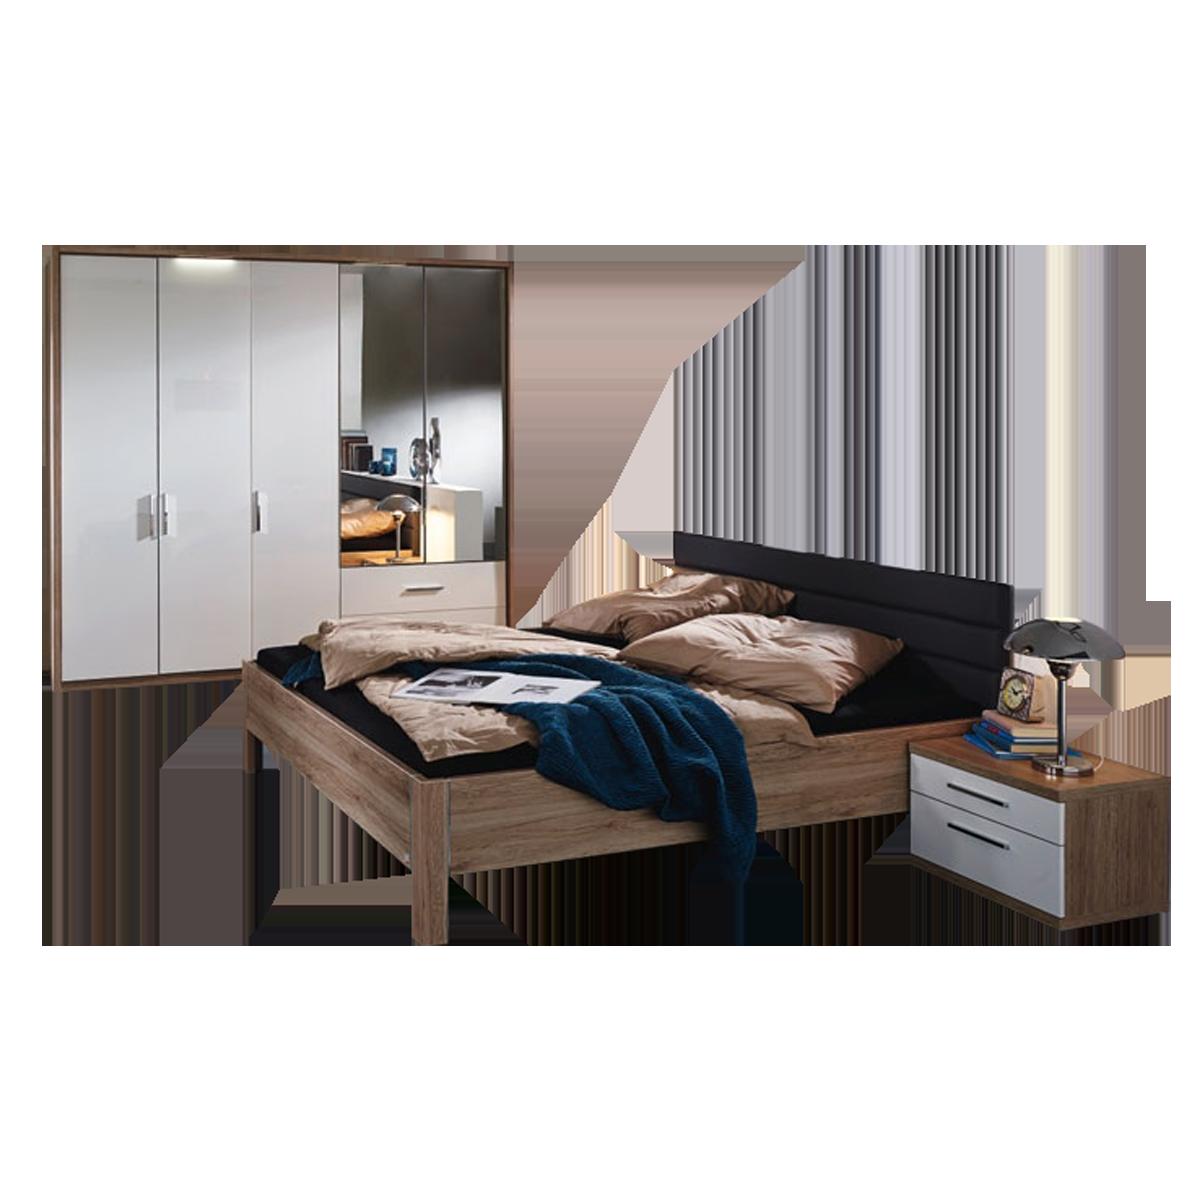 Rauch Steffen / Dialog Nice4Home Schlafzimmer 4-teilige bestehend ...